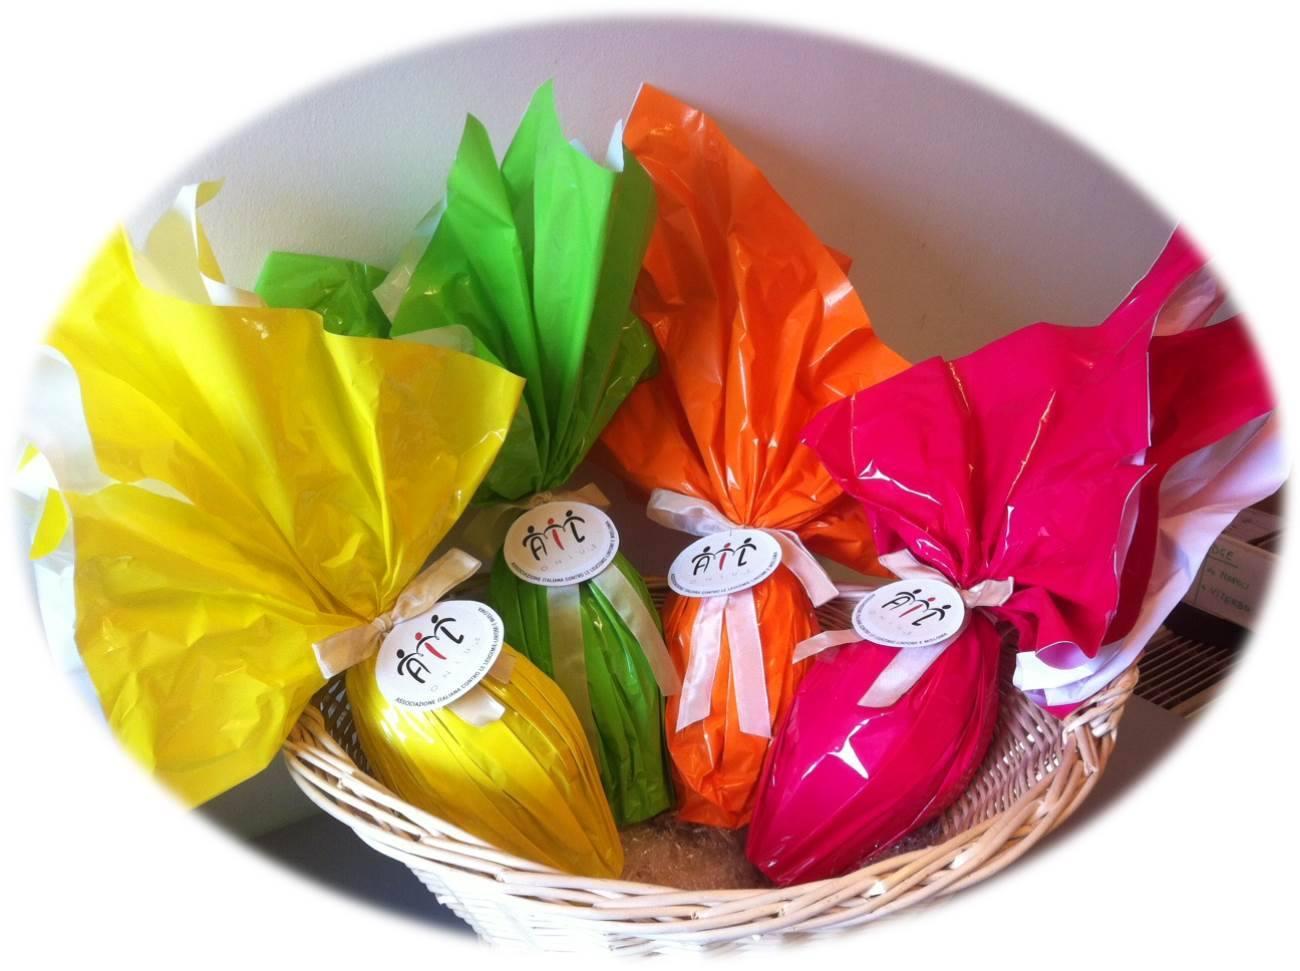 Sostieni AIL con le uova di Pasqua solidali